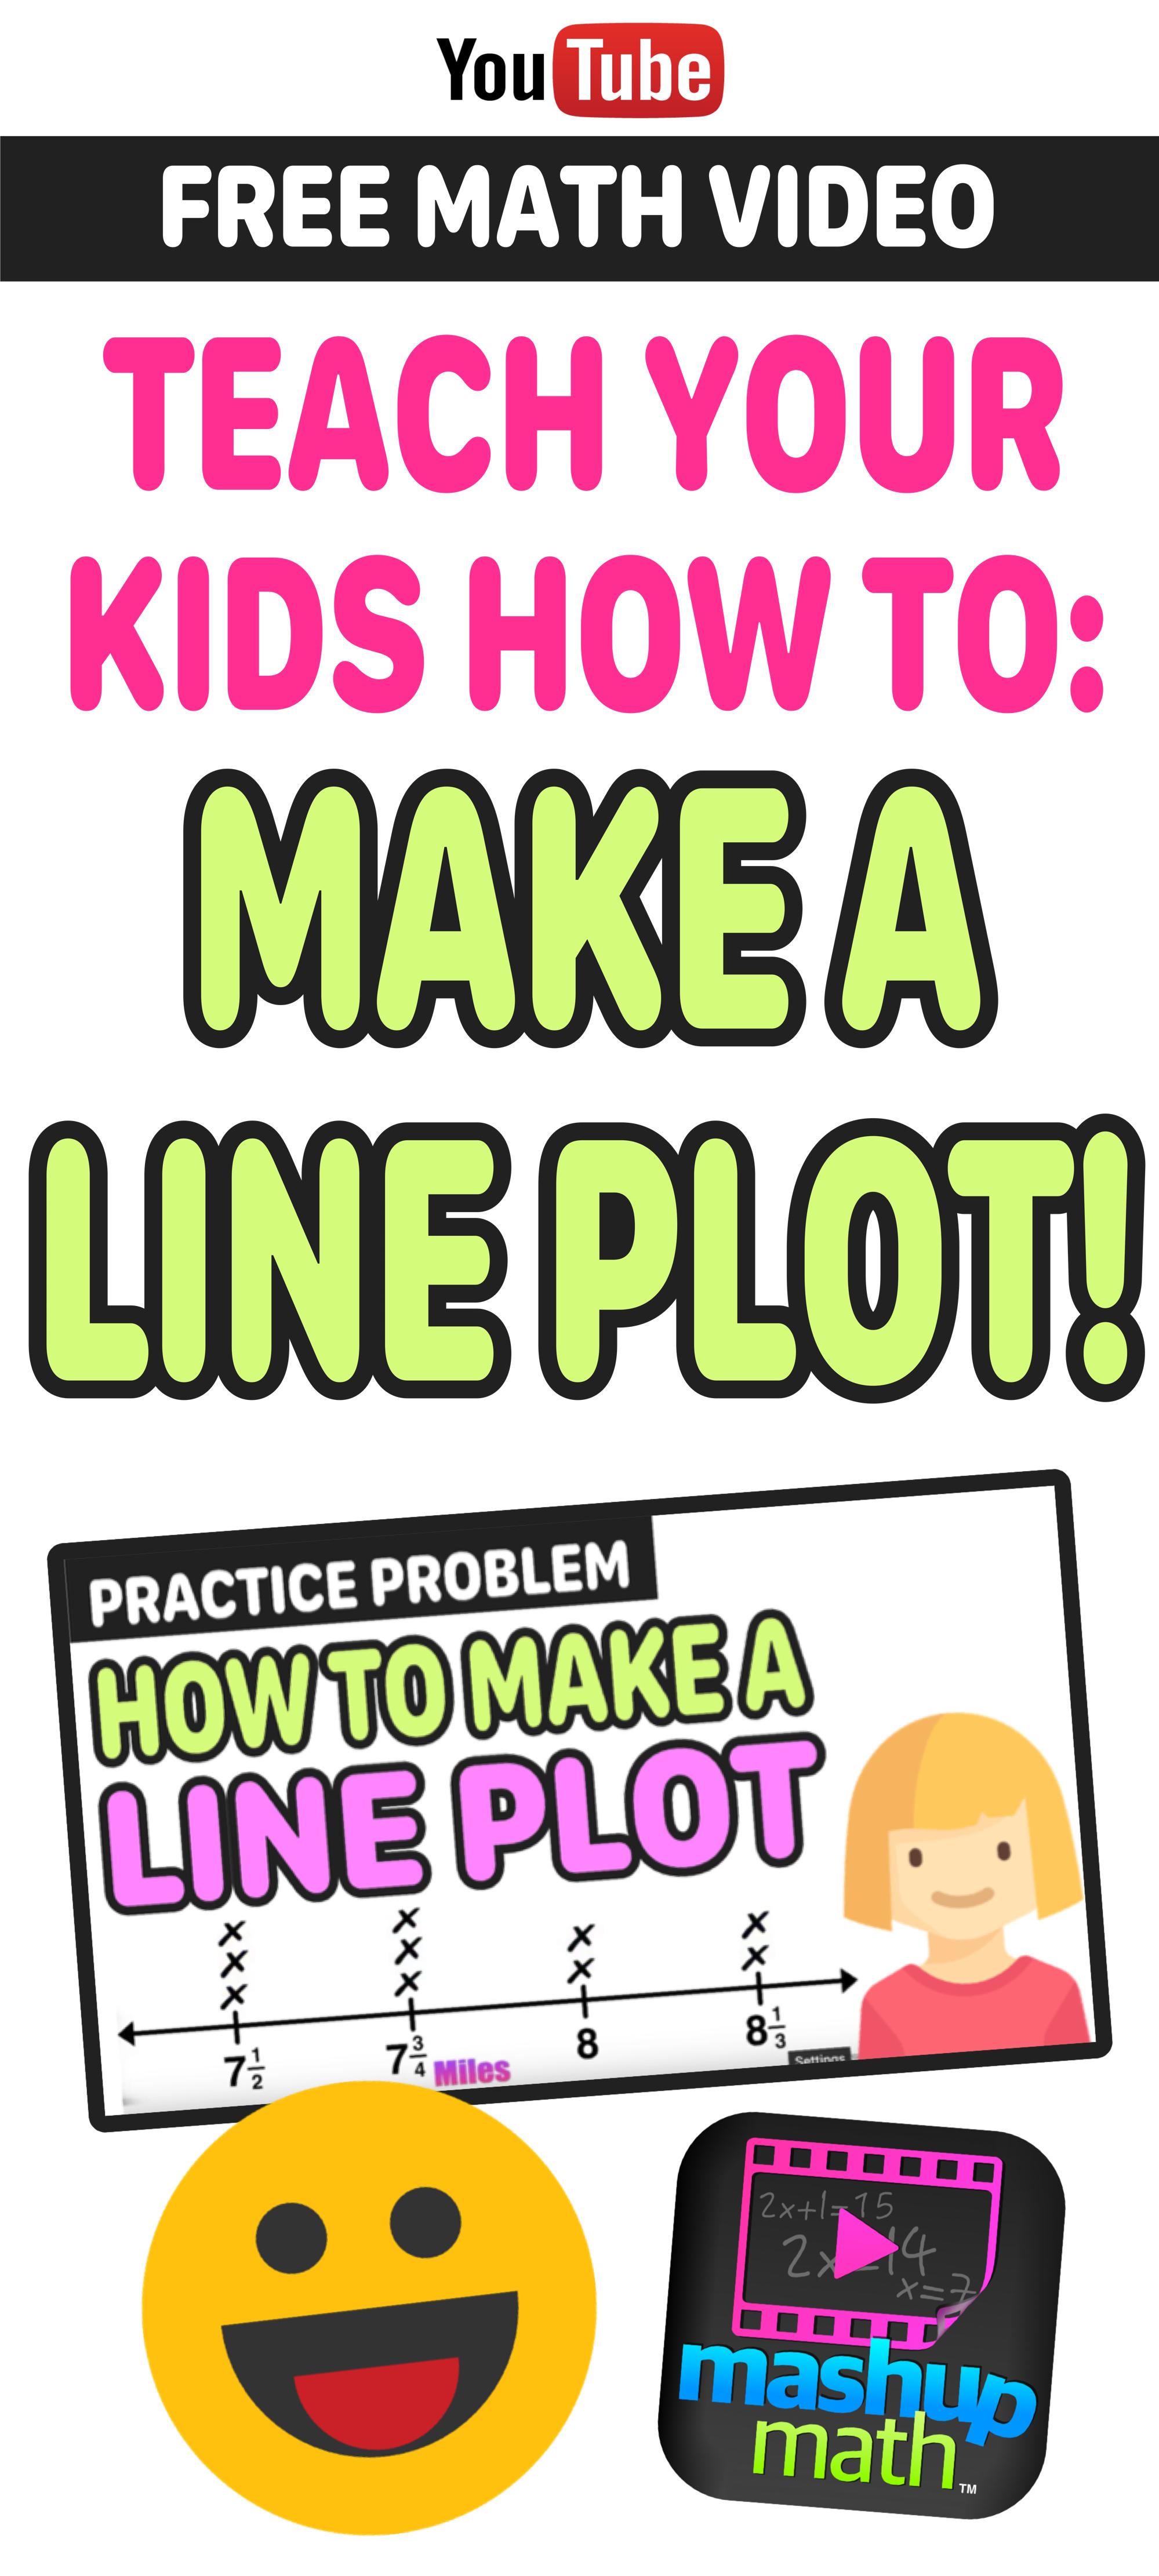 LinePlotPin.jpg